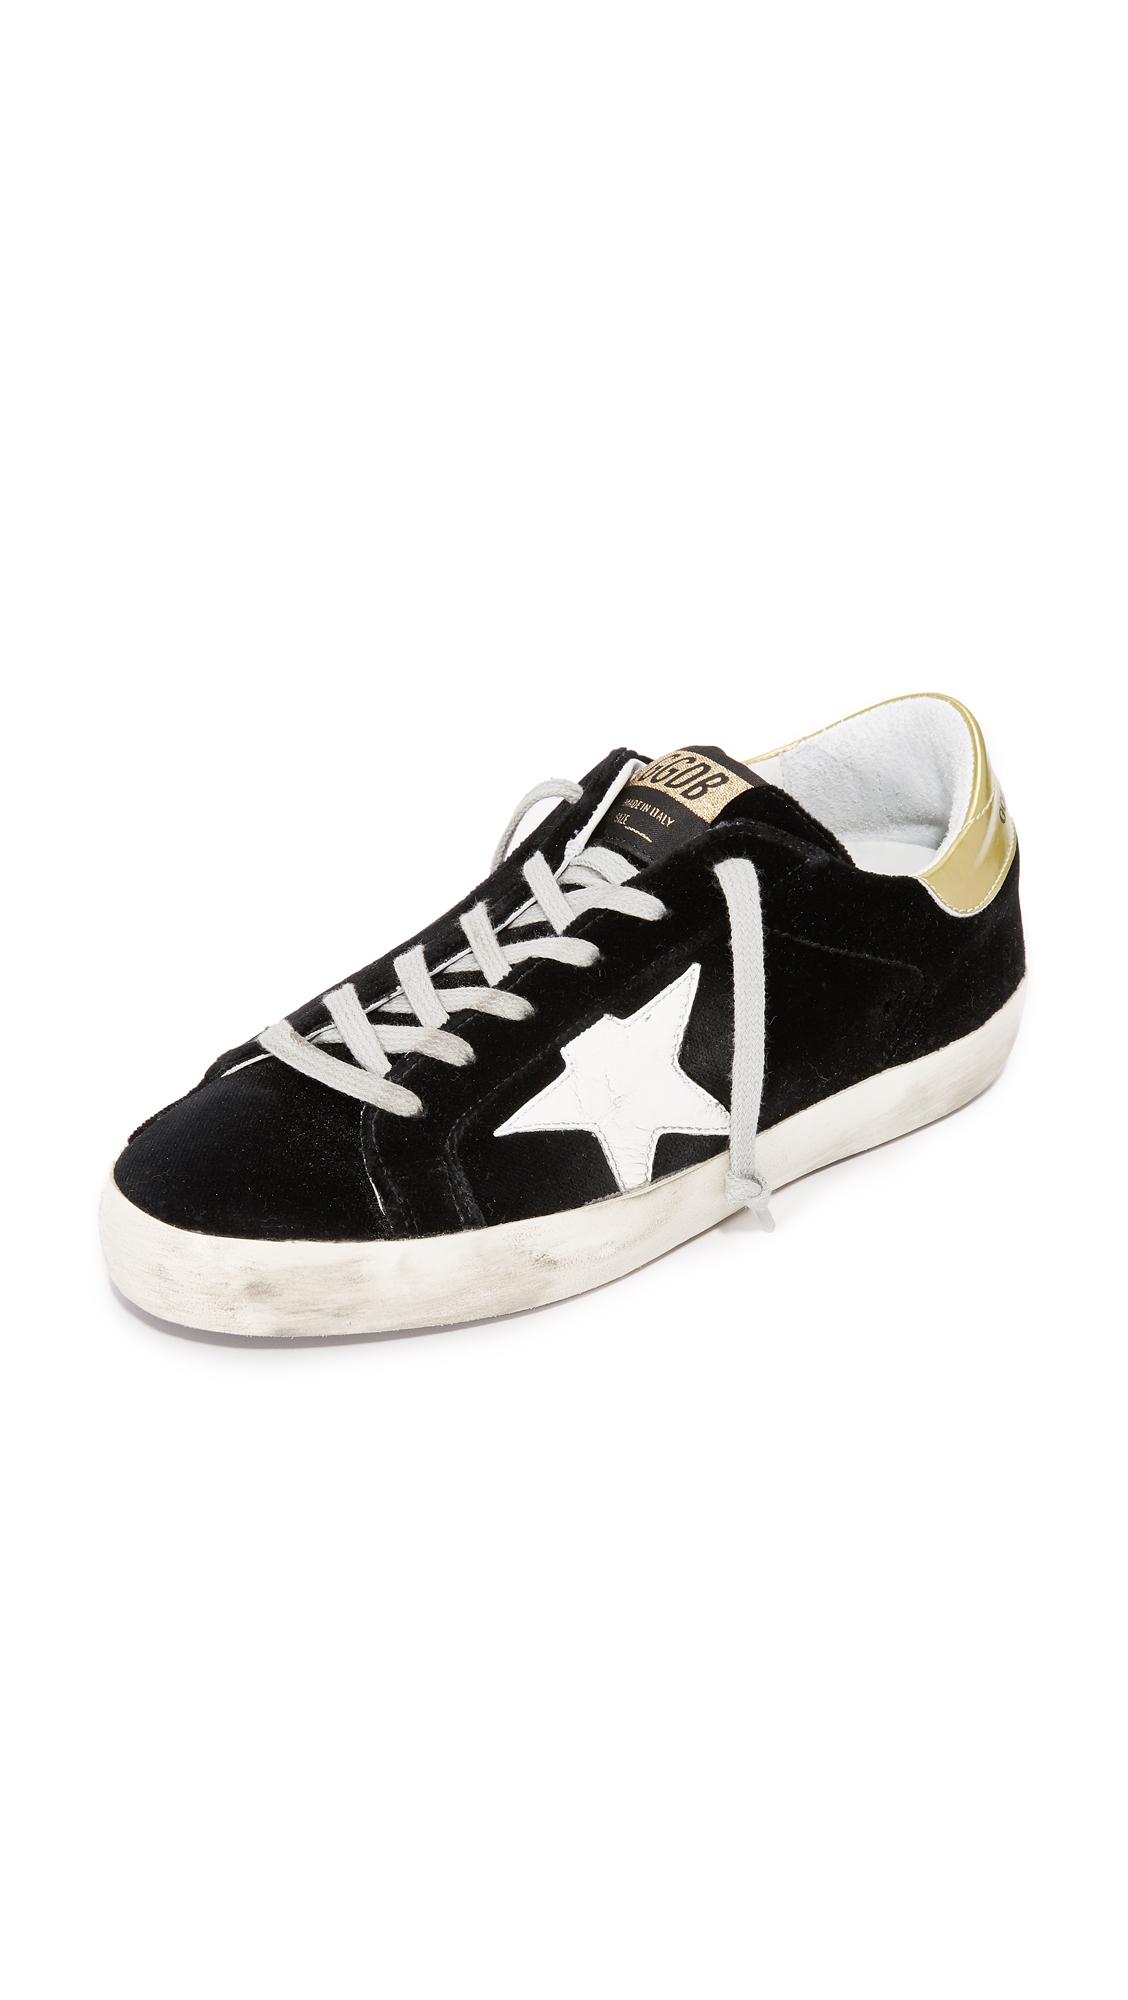 Golden Goose Superstar Velvet Sneakers - Black/White